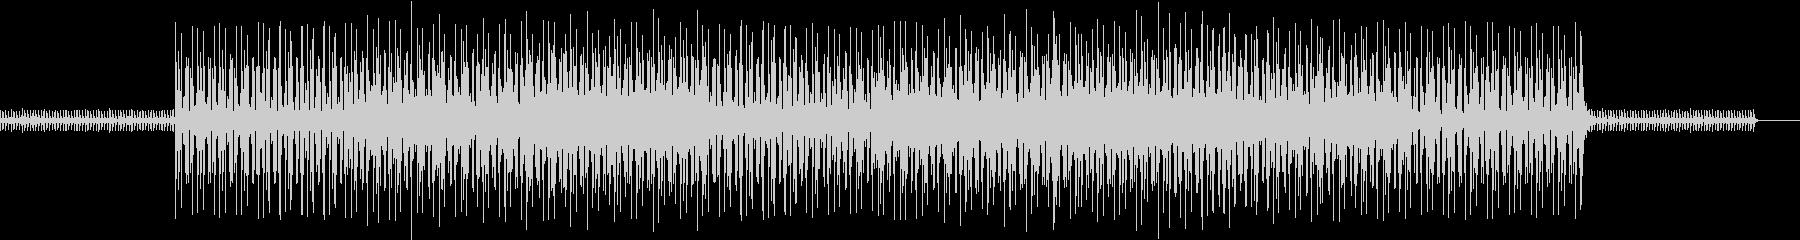 マリンバとシンセのタイトなビートの未再生の波形